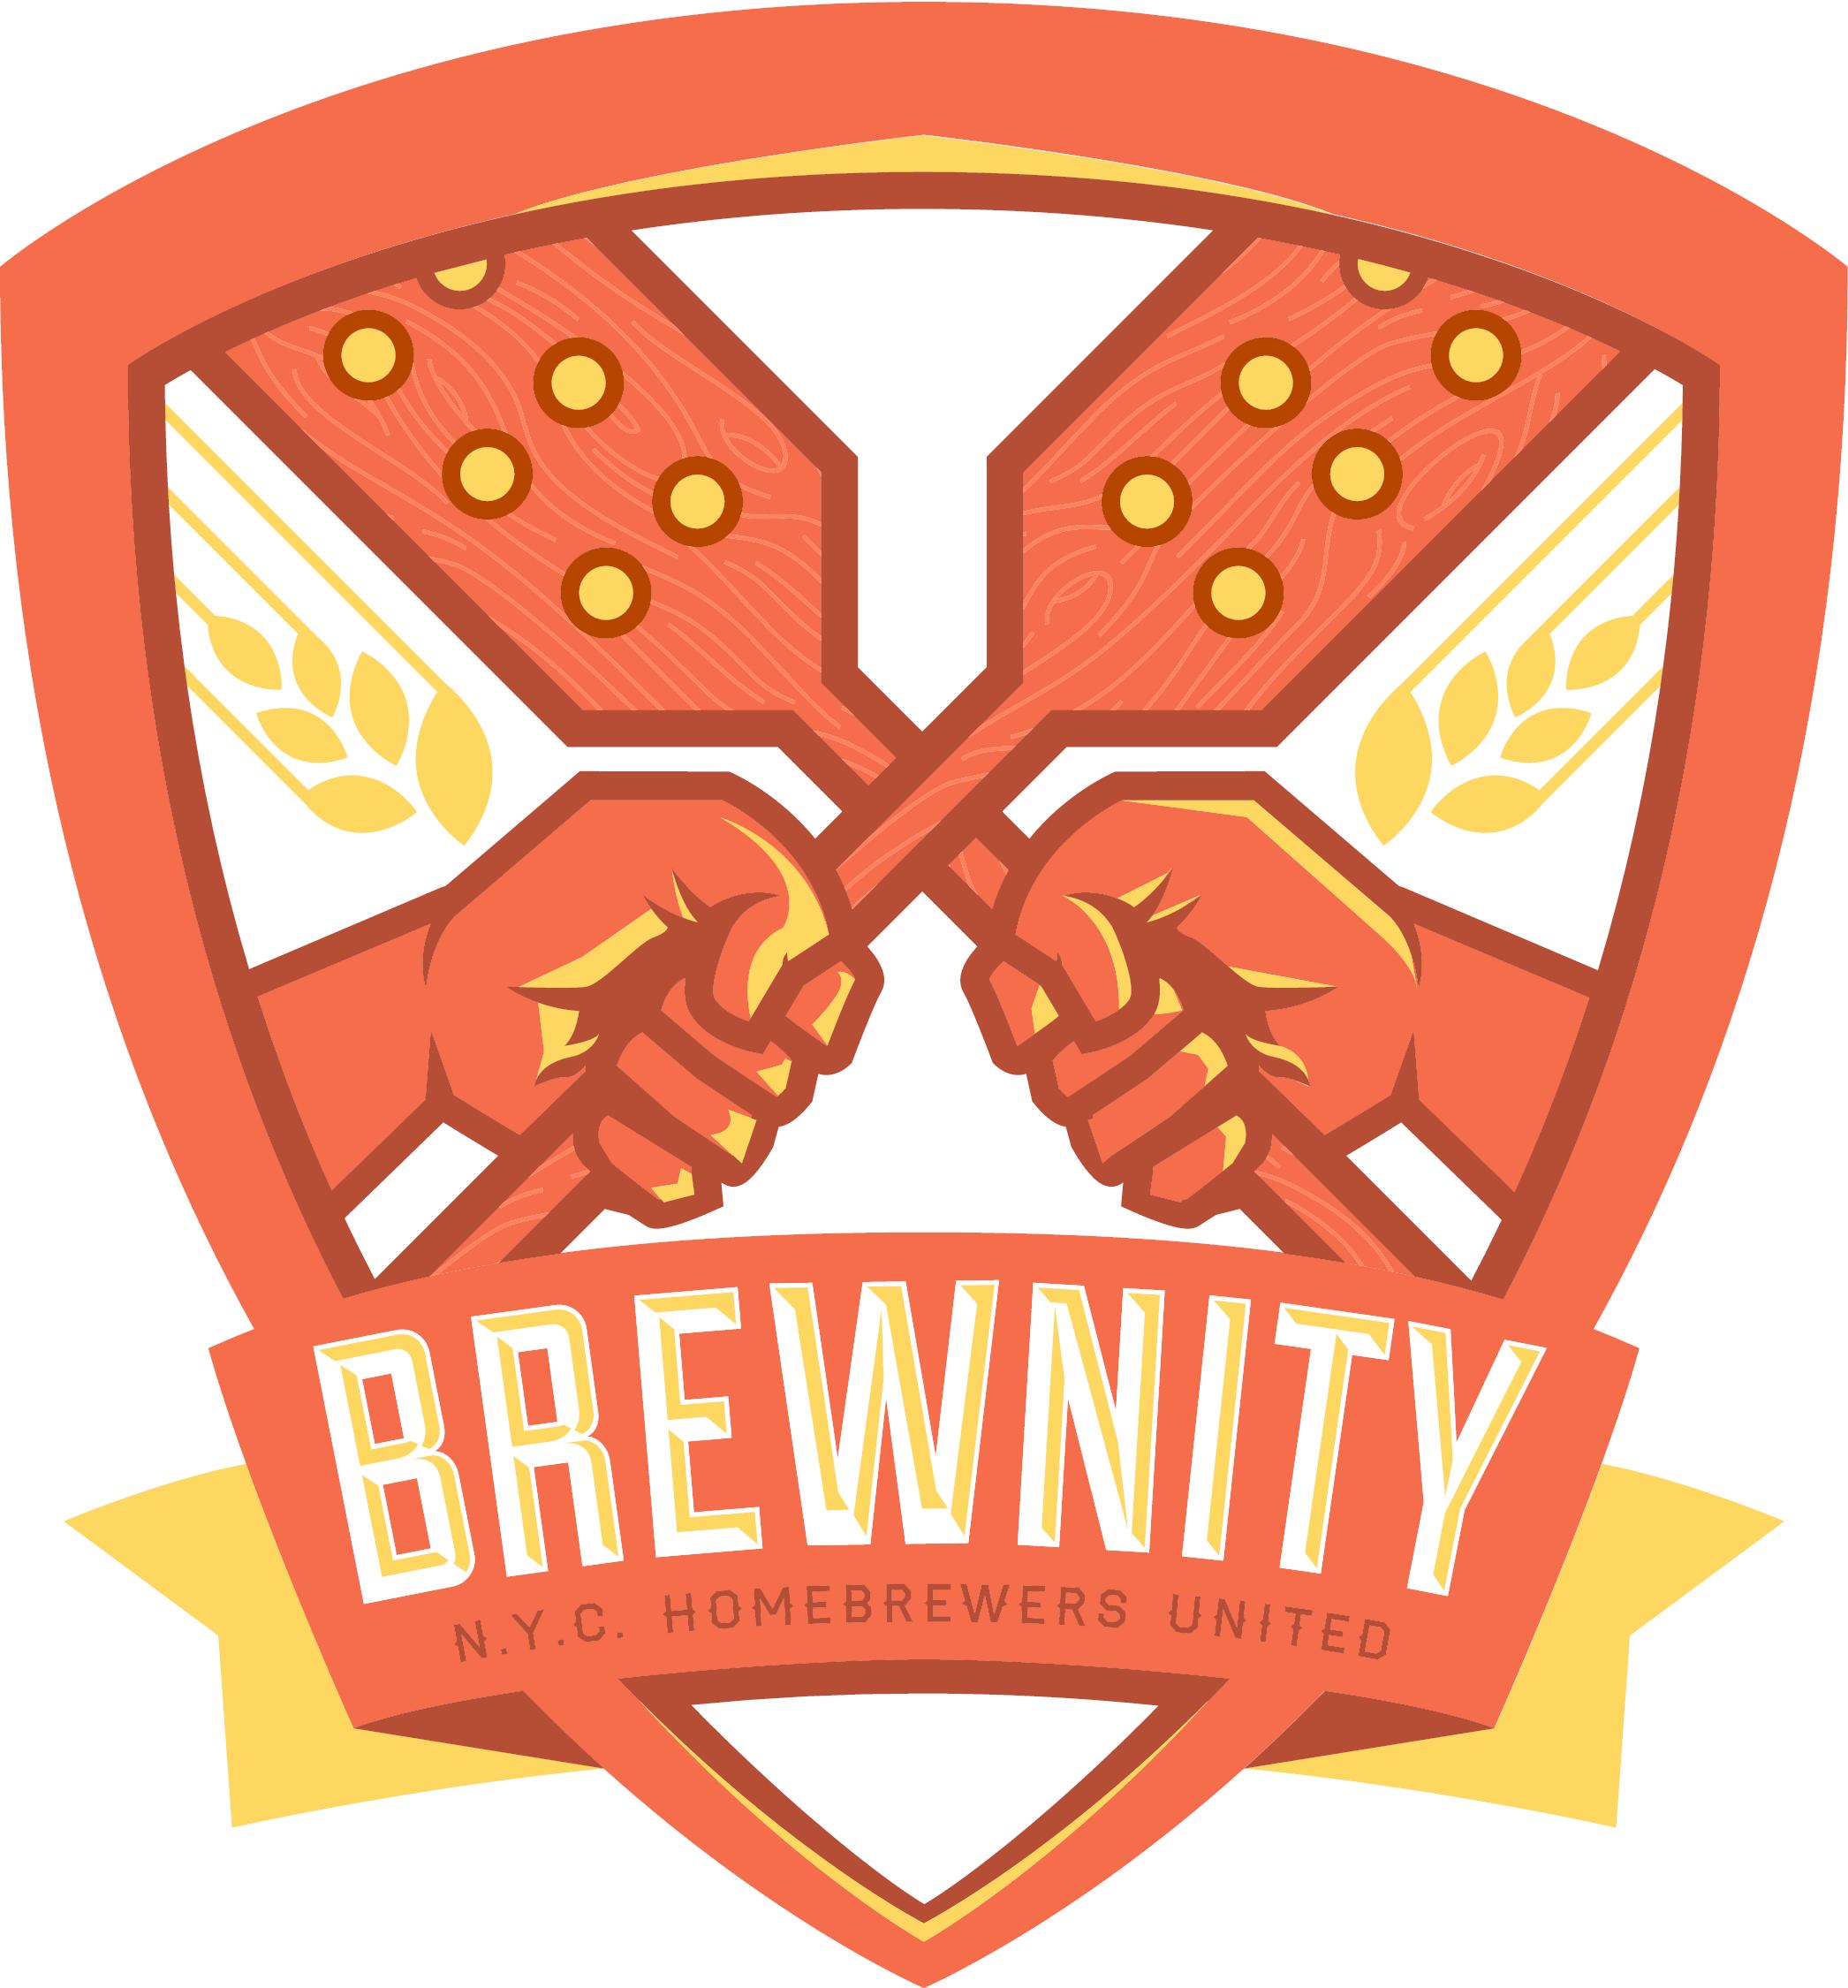 Brewnity